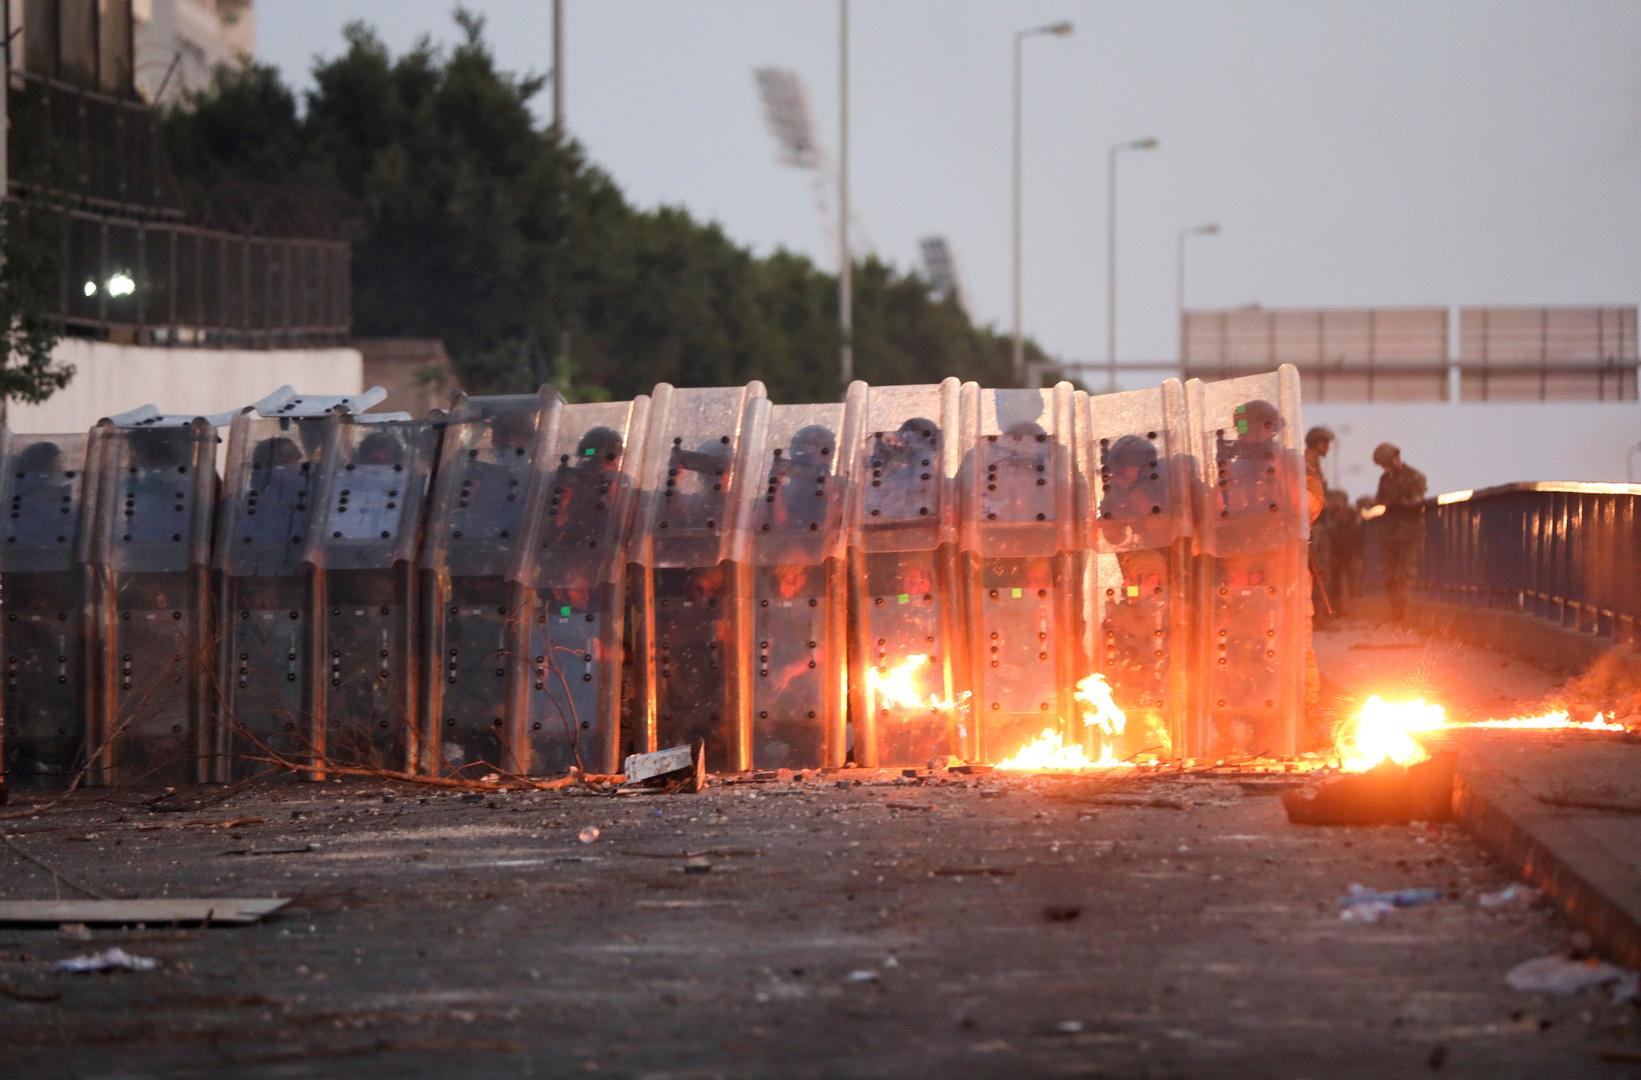 لبنان.. قطع للطرقات احتجاجا على تردي الأوضاع المعيشية وارتفاع سعر صرف الدولار